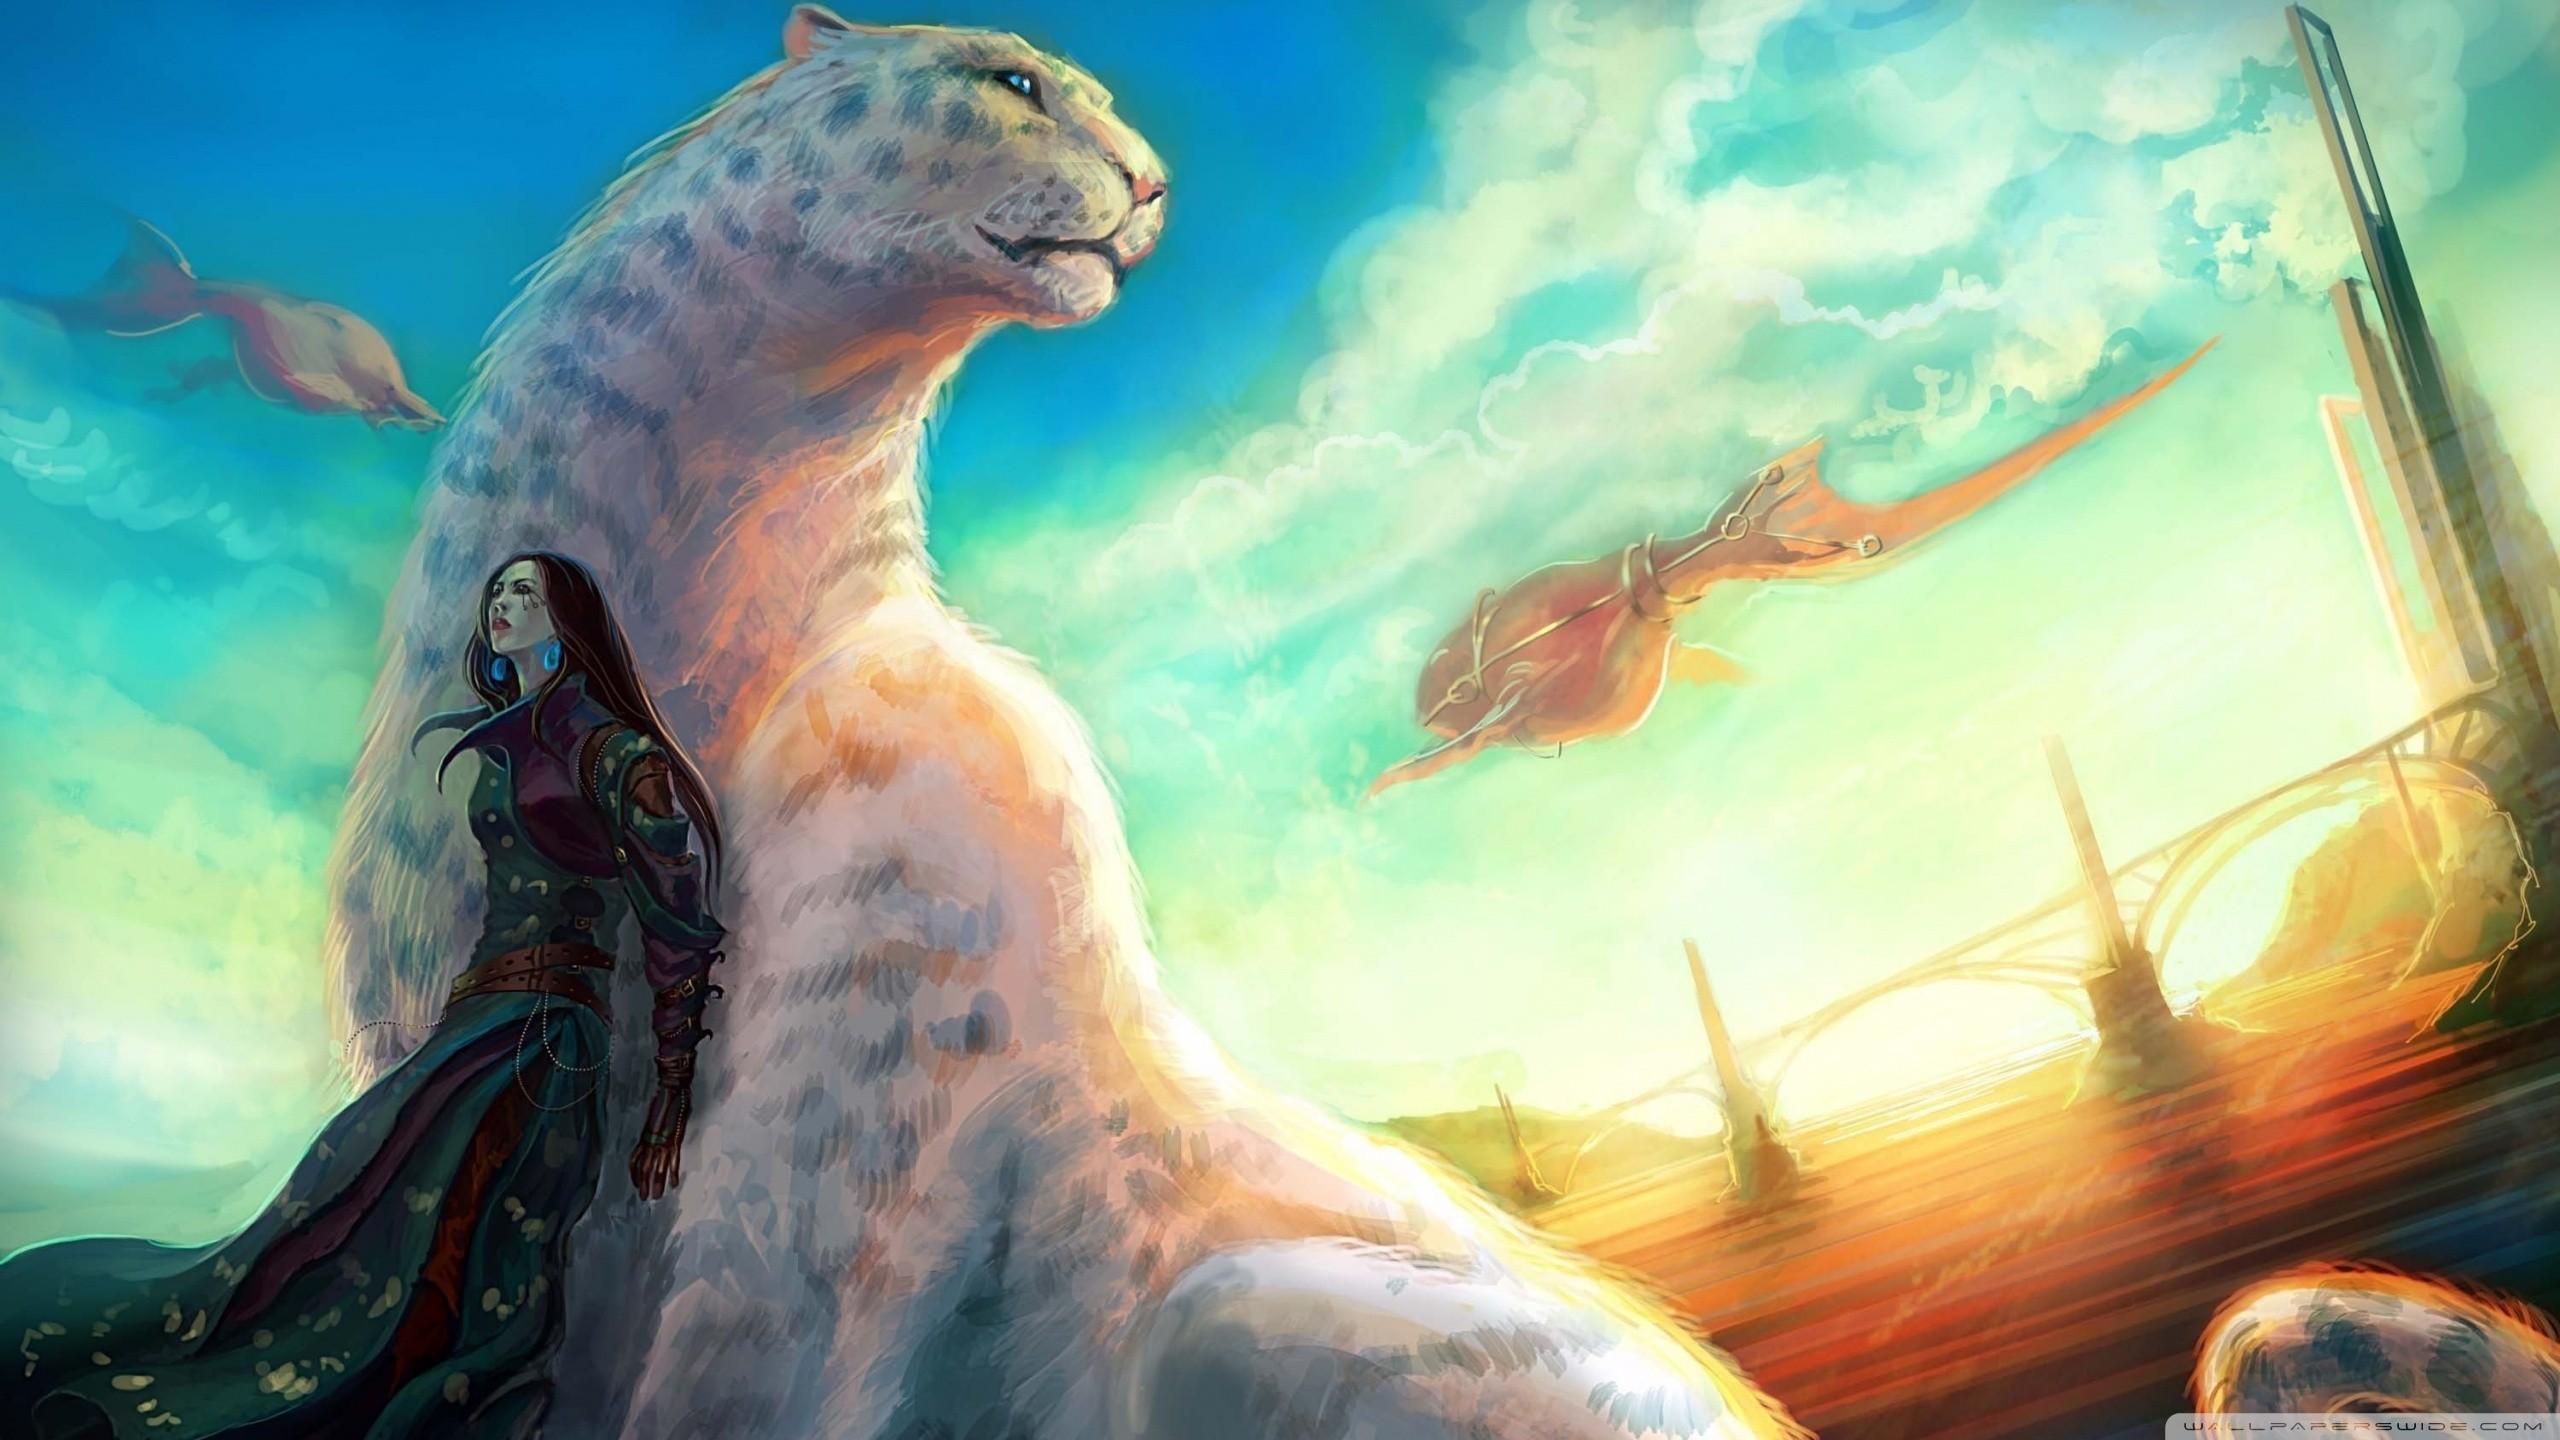 Desktop backgrounds · Fantasy Animal